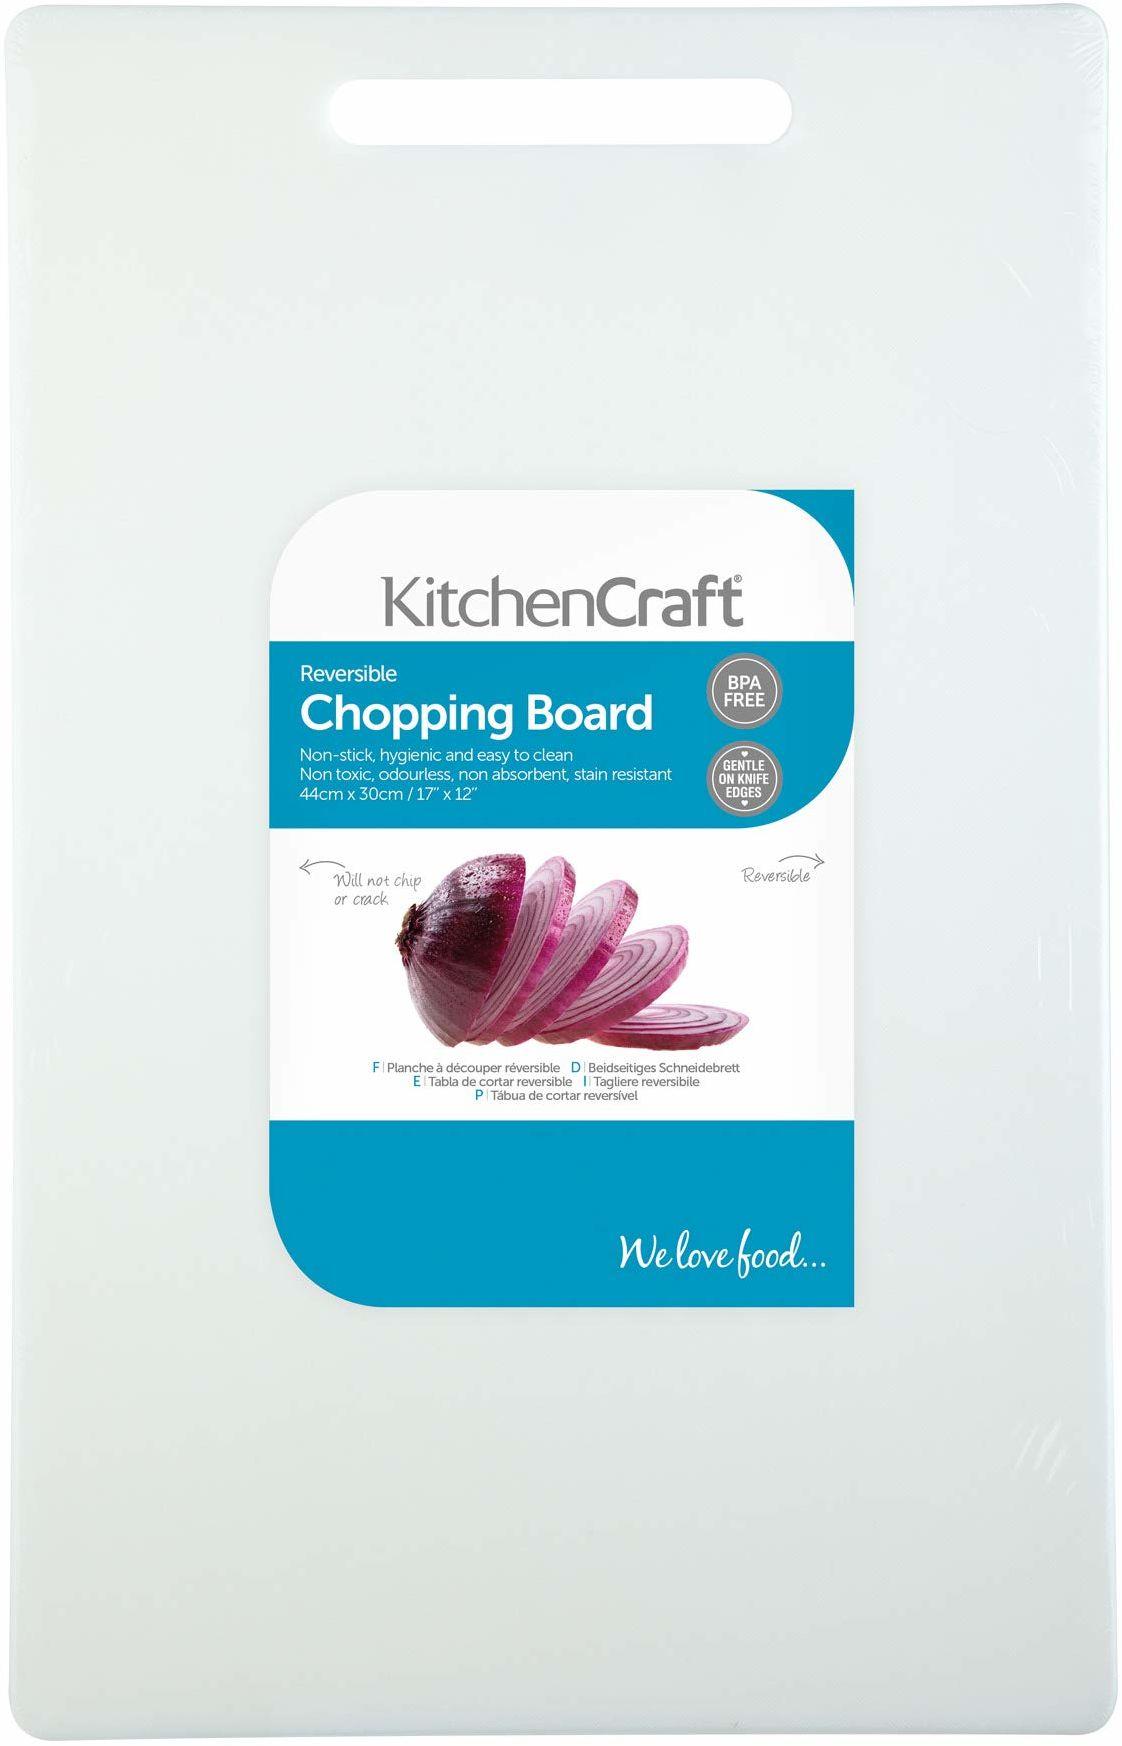 KitchenCraft bardzo duża nietoksyczna plastikowa deska do krojenia 44 x 30 cm (17,5 cala x 12 cali) - biała